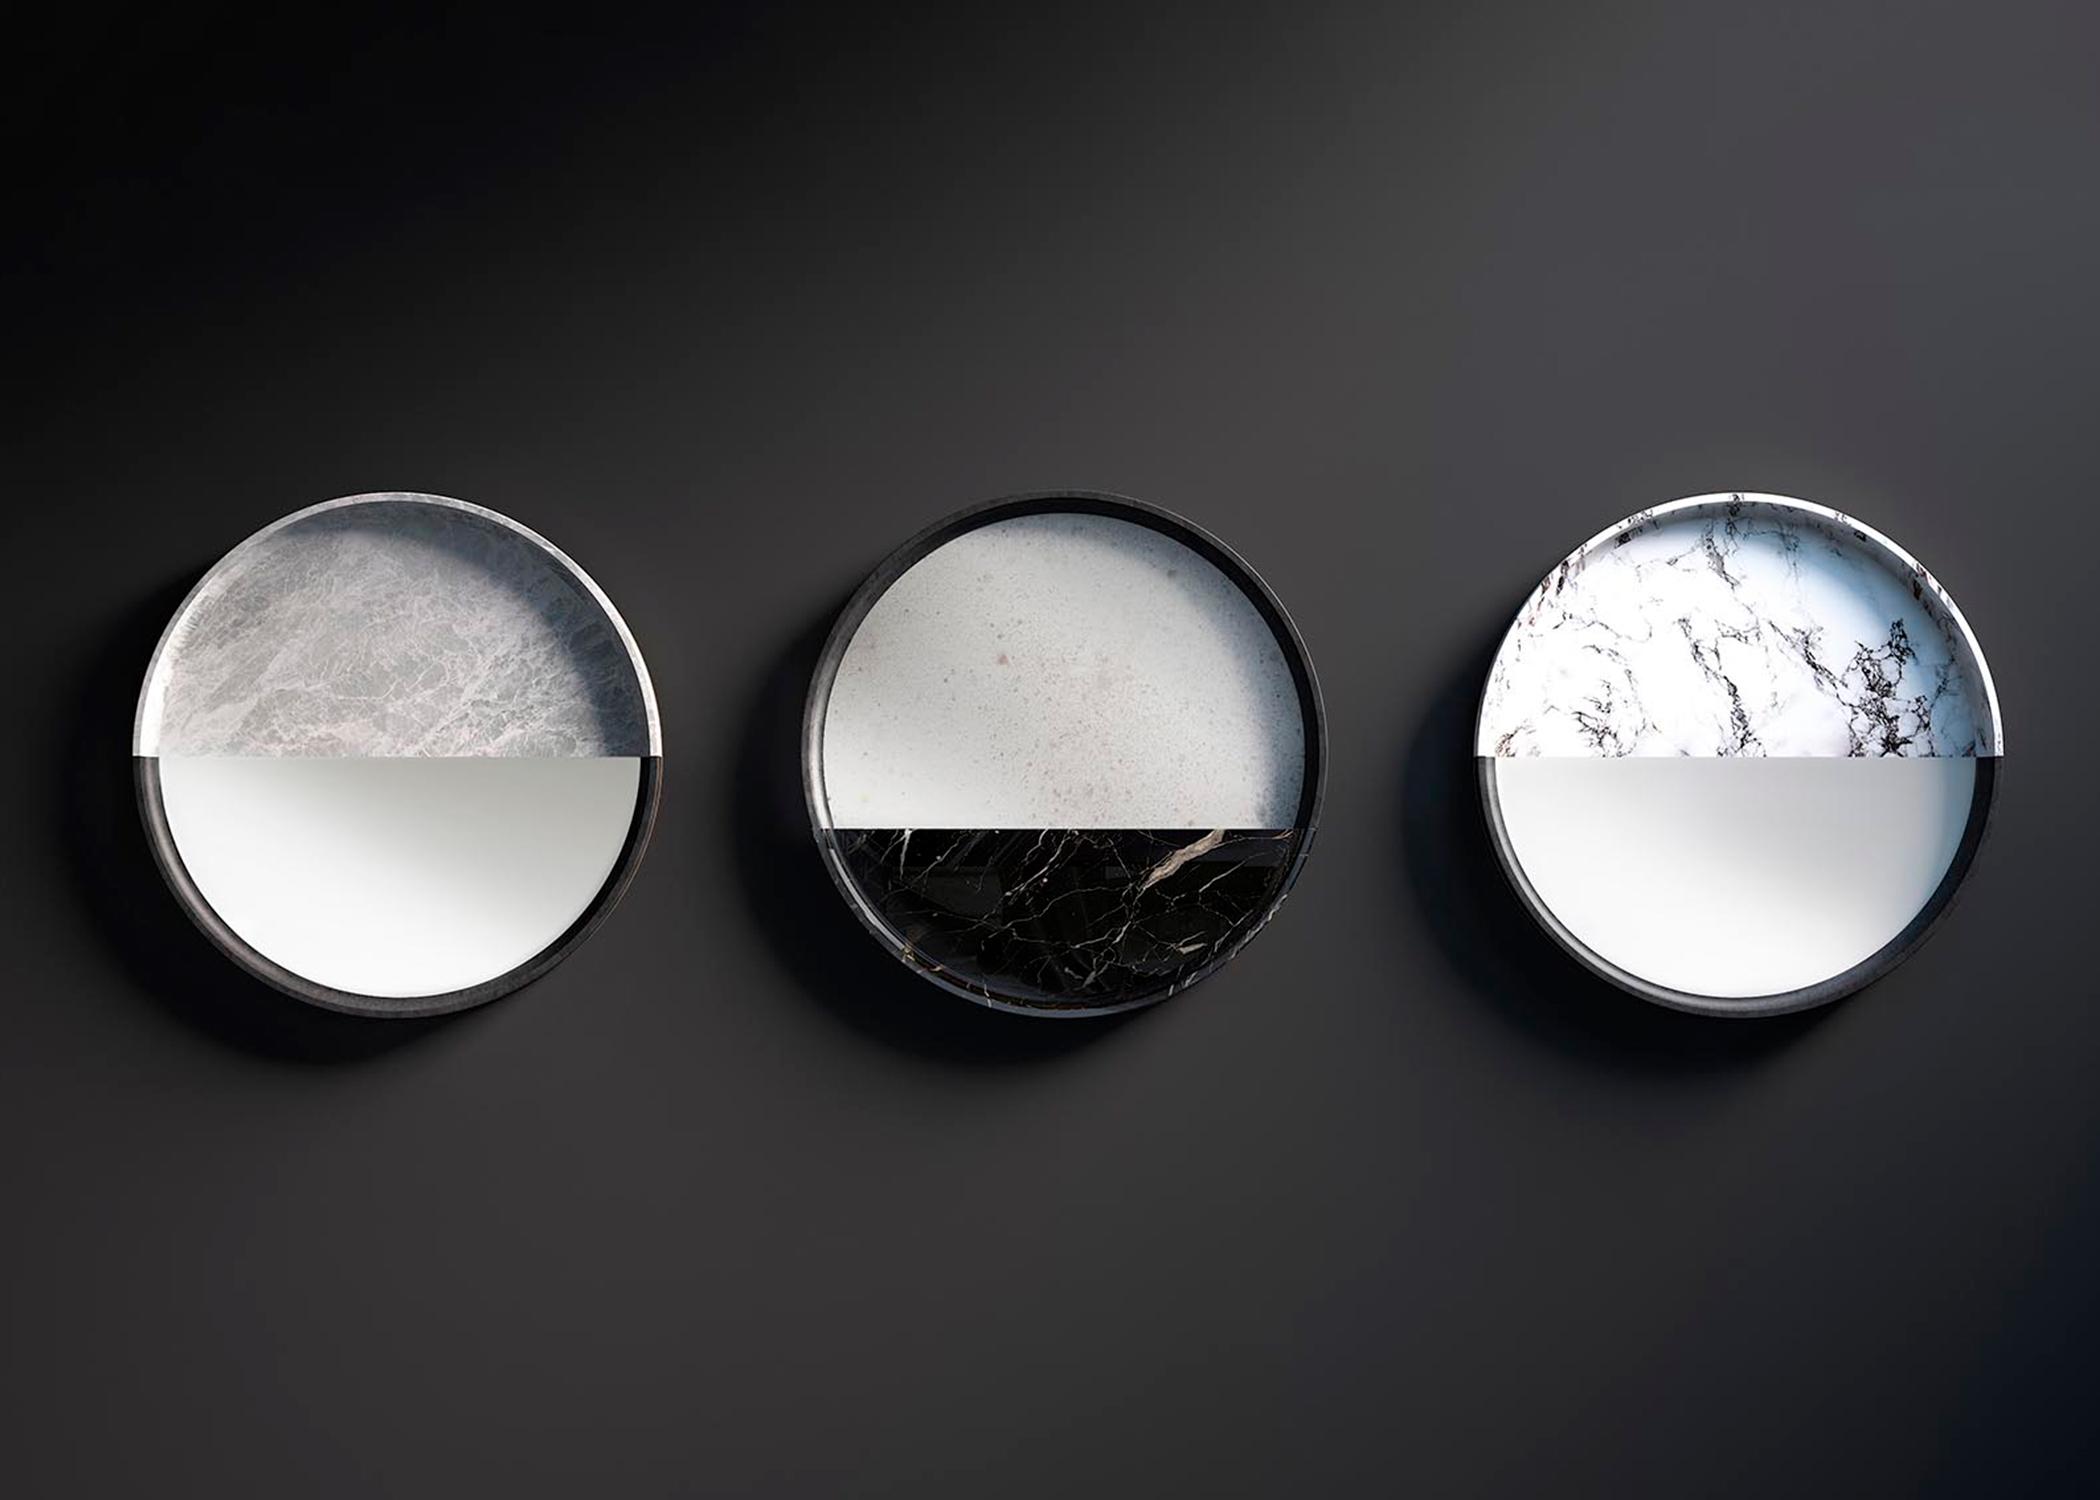 Elementi_Rossato_Vanity_Mirrors_1.jpg